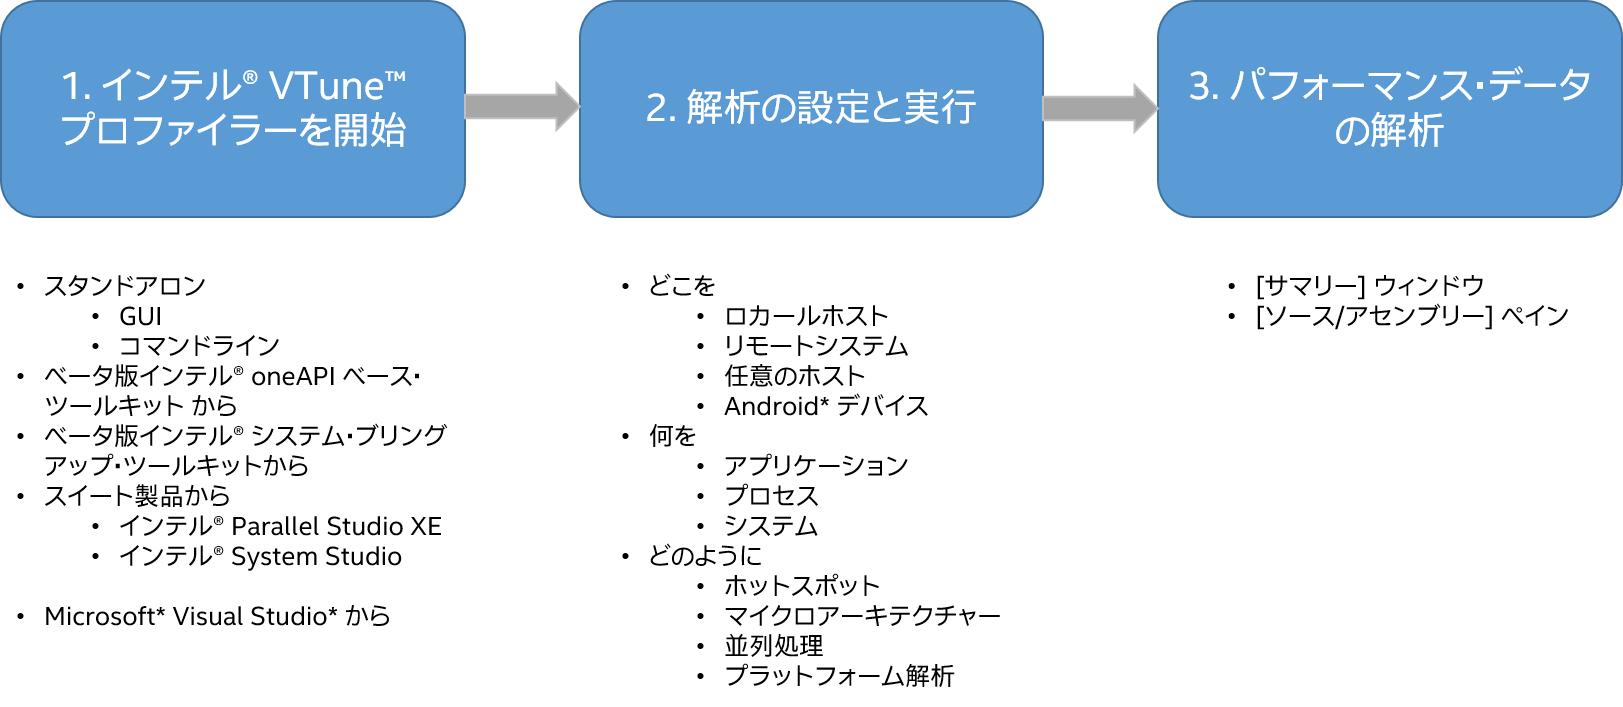 インテル® VTune™ プロファイラーのワークフロー